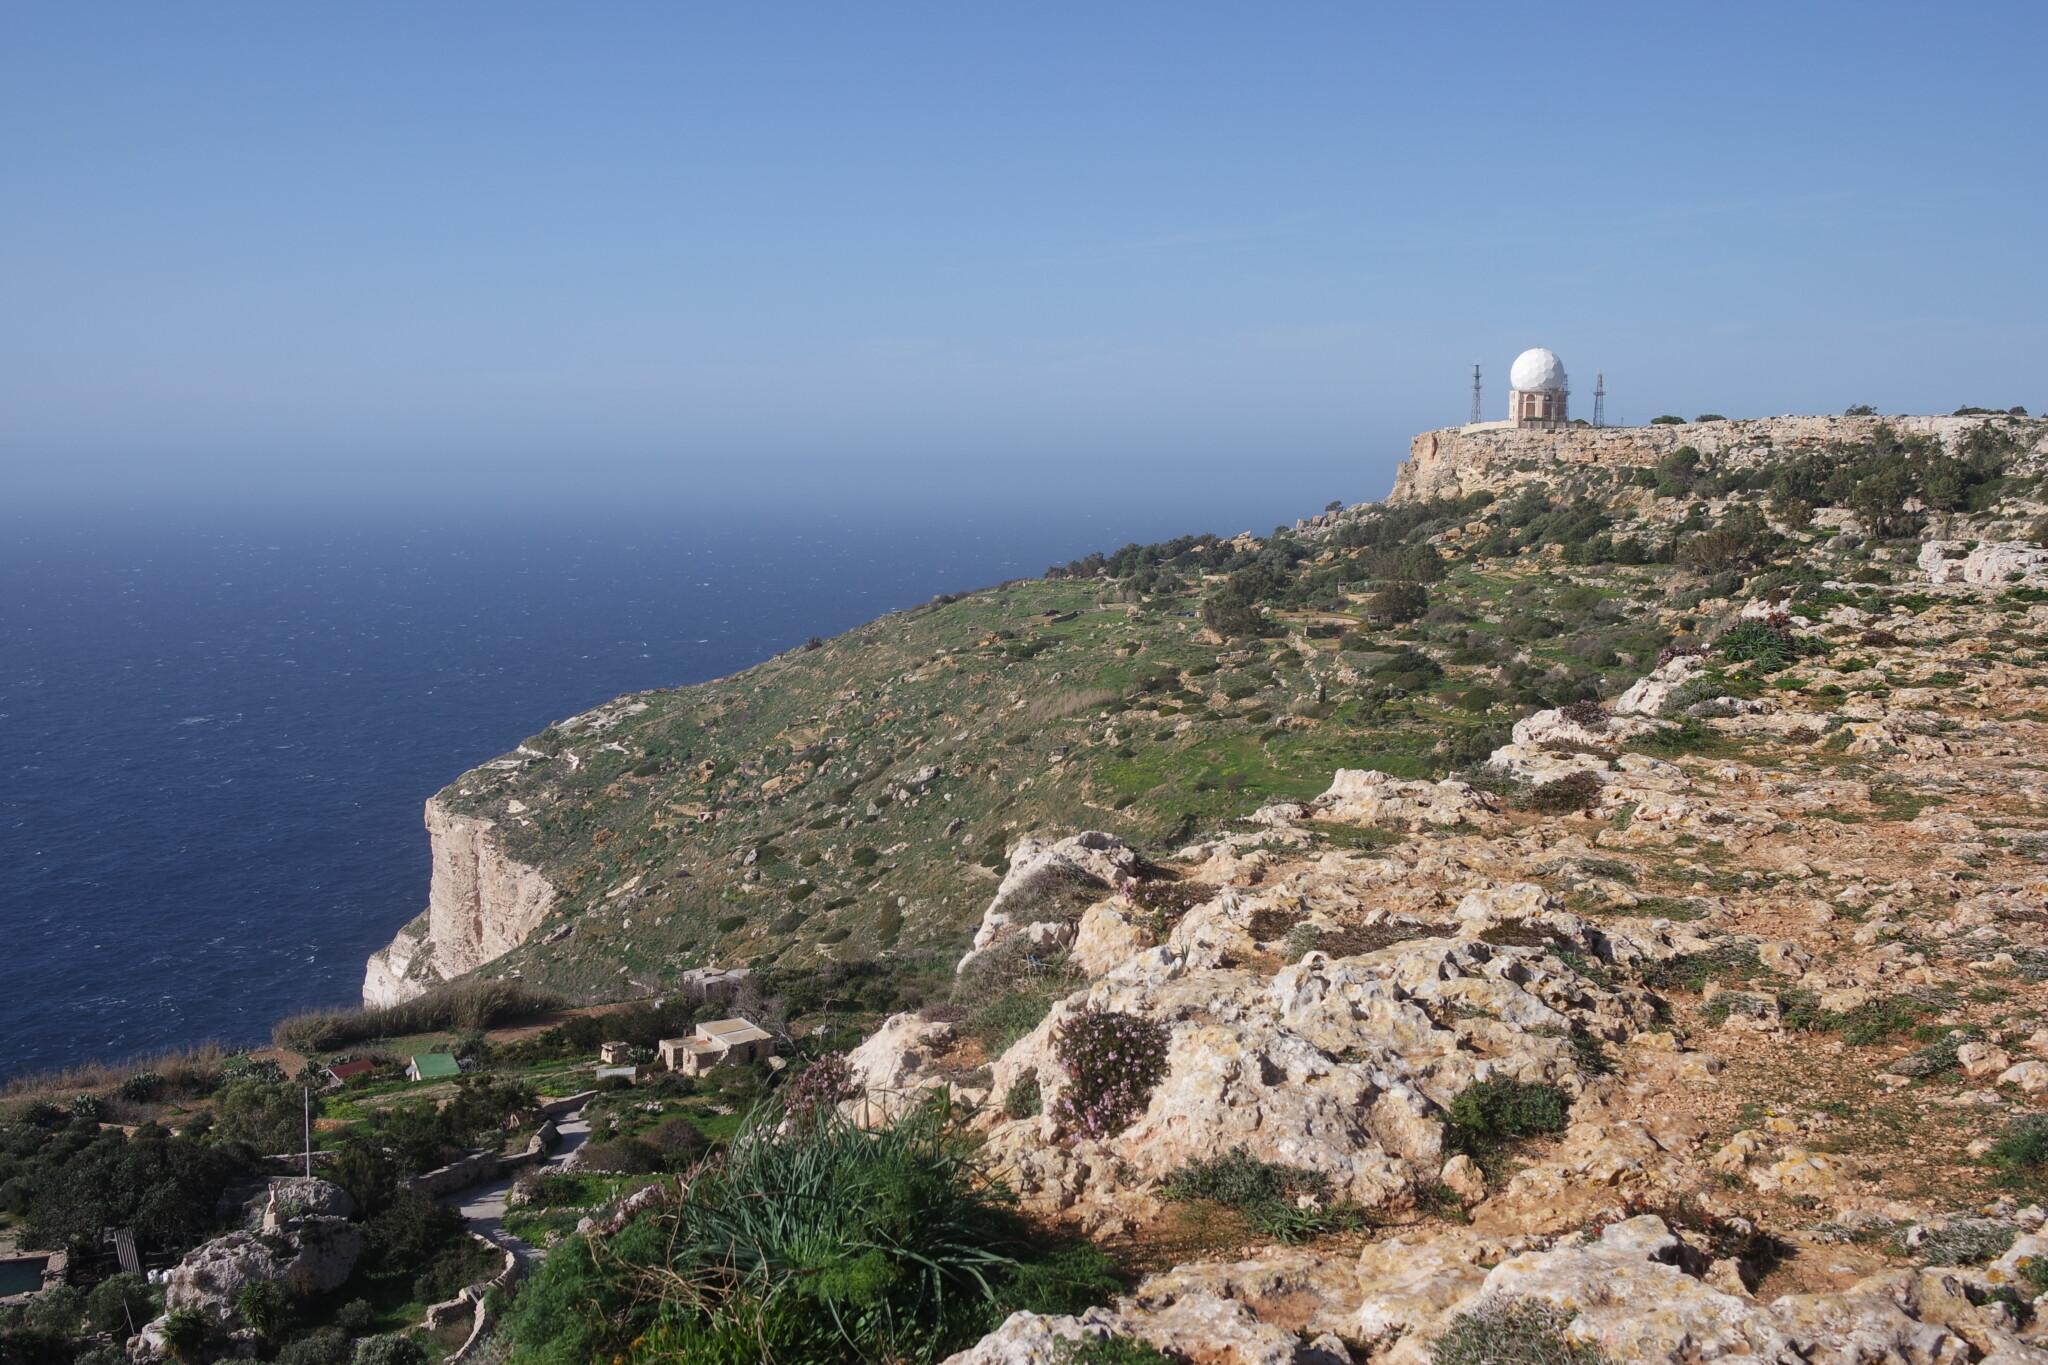 Утёсы Дингли: главная обзорная площадка средиземноморской Мальты